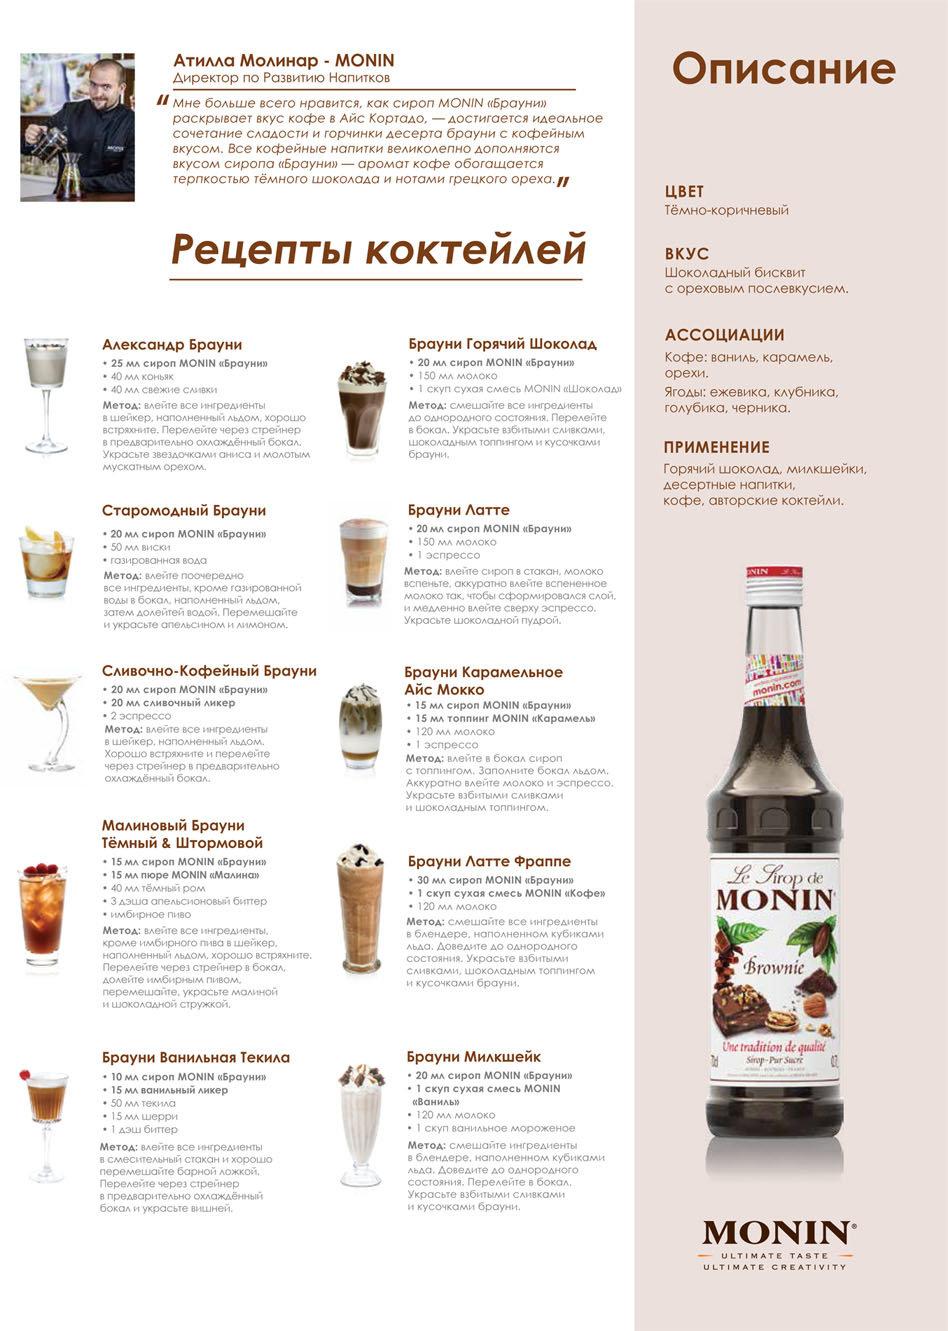 Простой коктейль в домашних условиях из водки рецепты